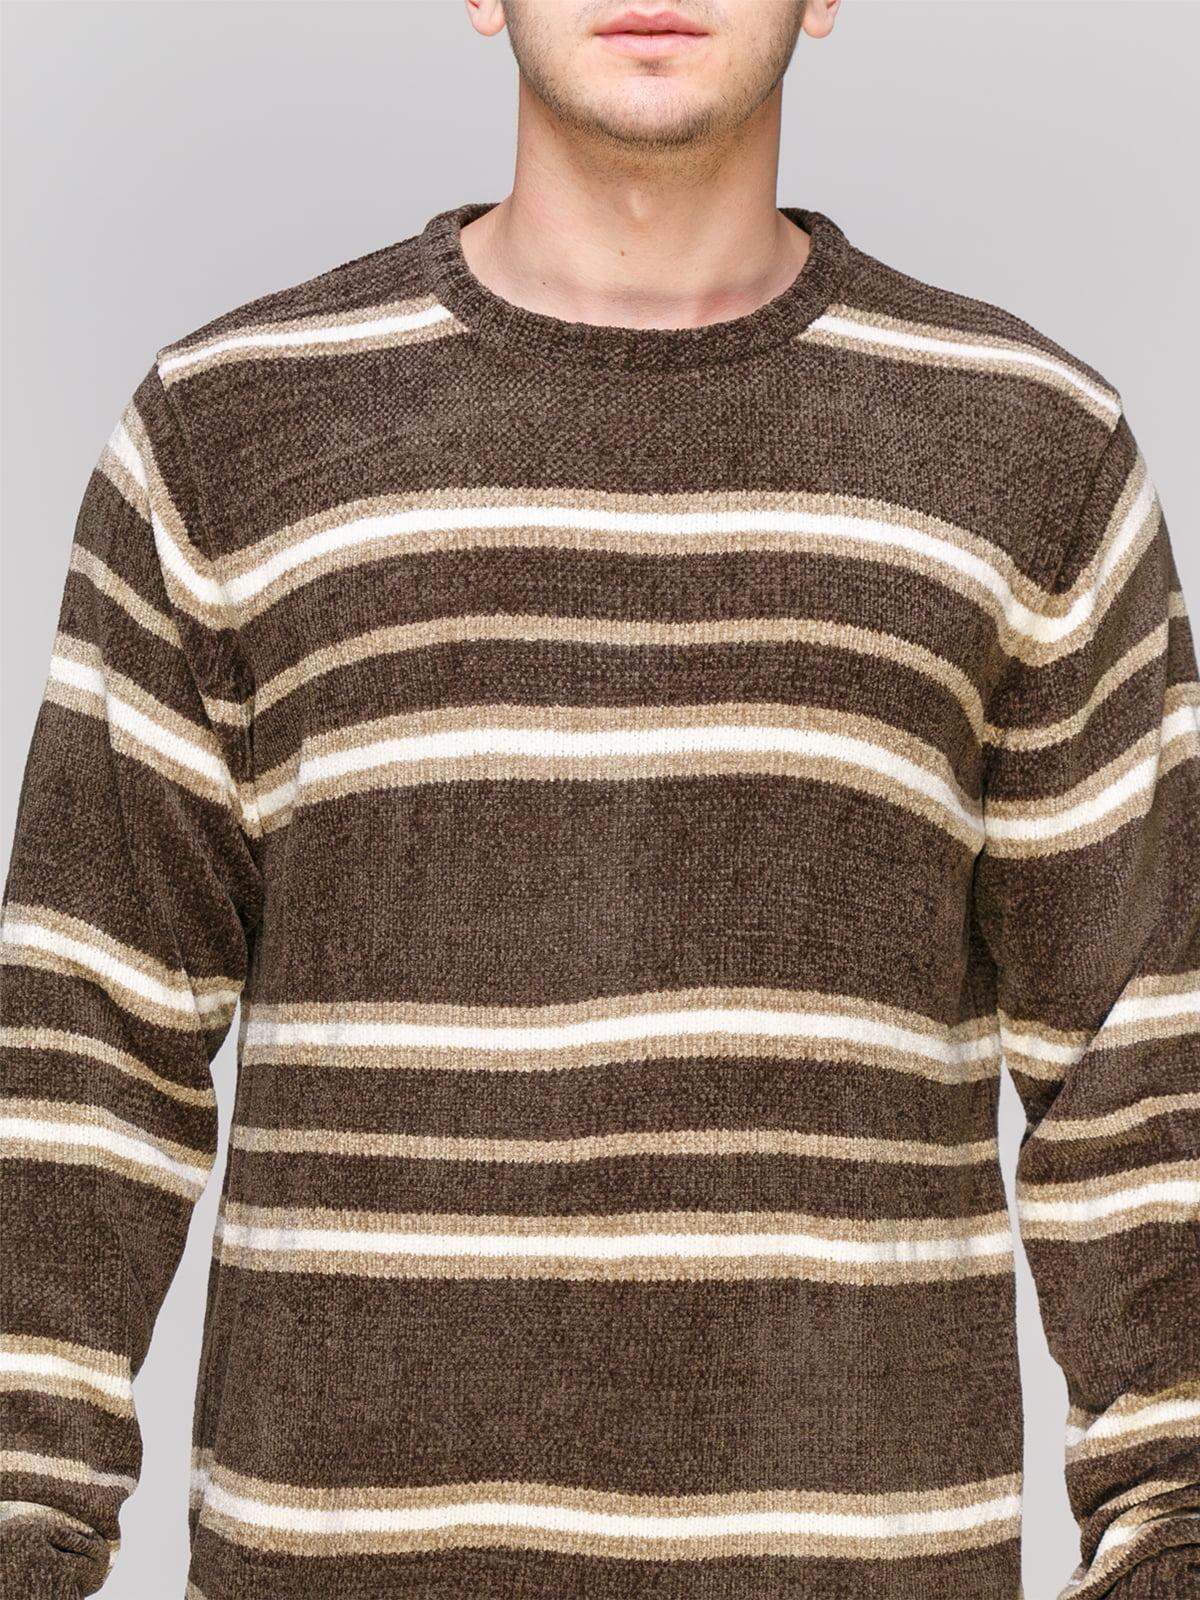 Джемпер серо-коричневого цвета в полоску | 4855005 | фото 3